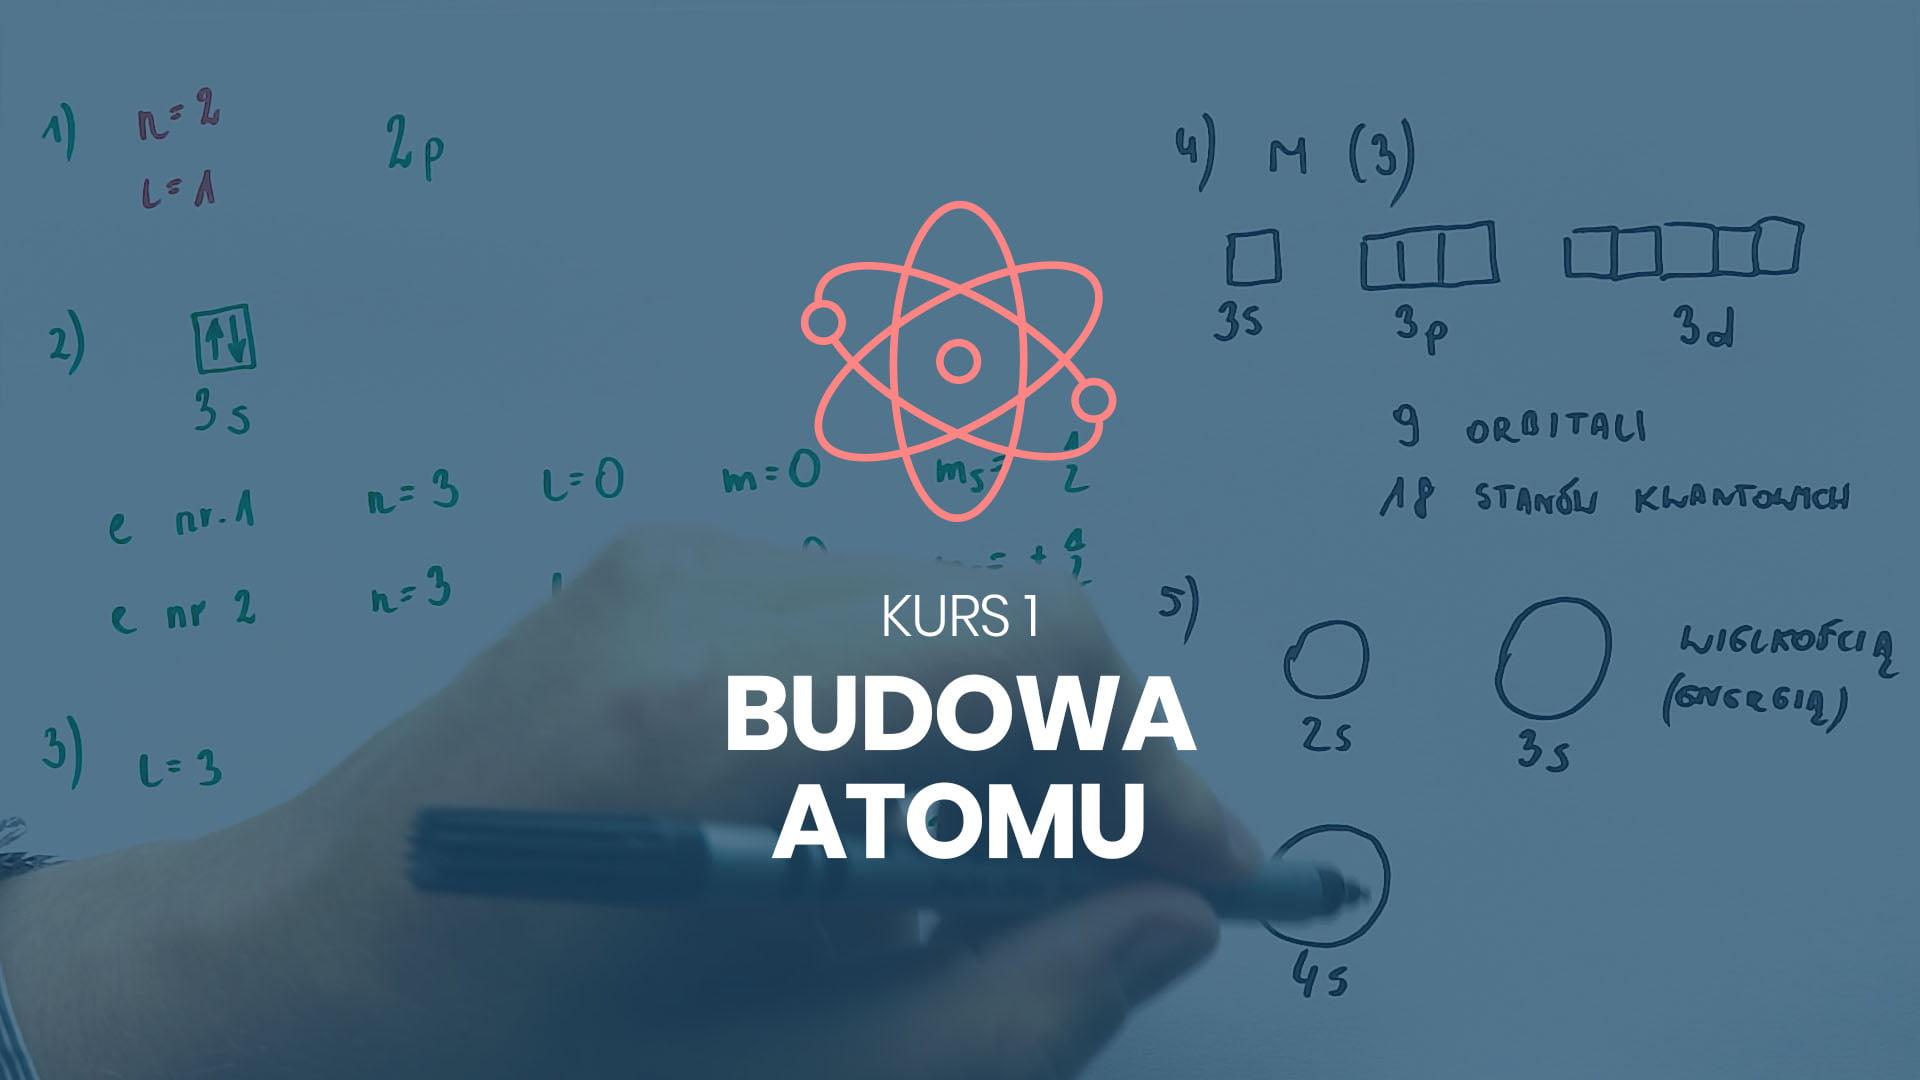 kurs 1 budowa atomu chemia na 100 procent